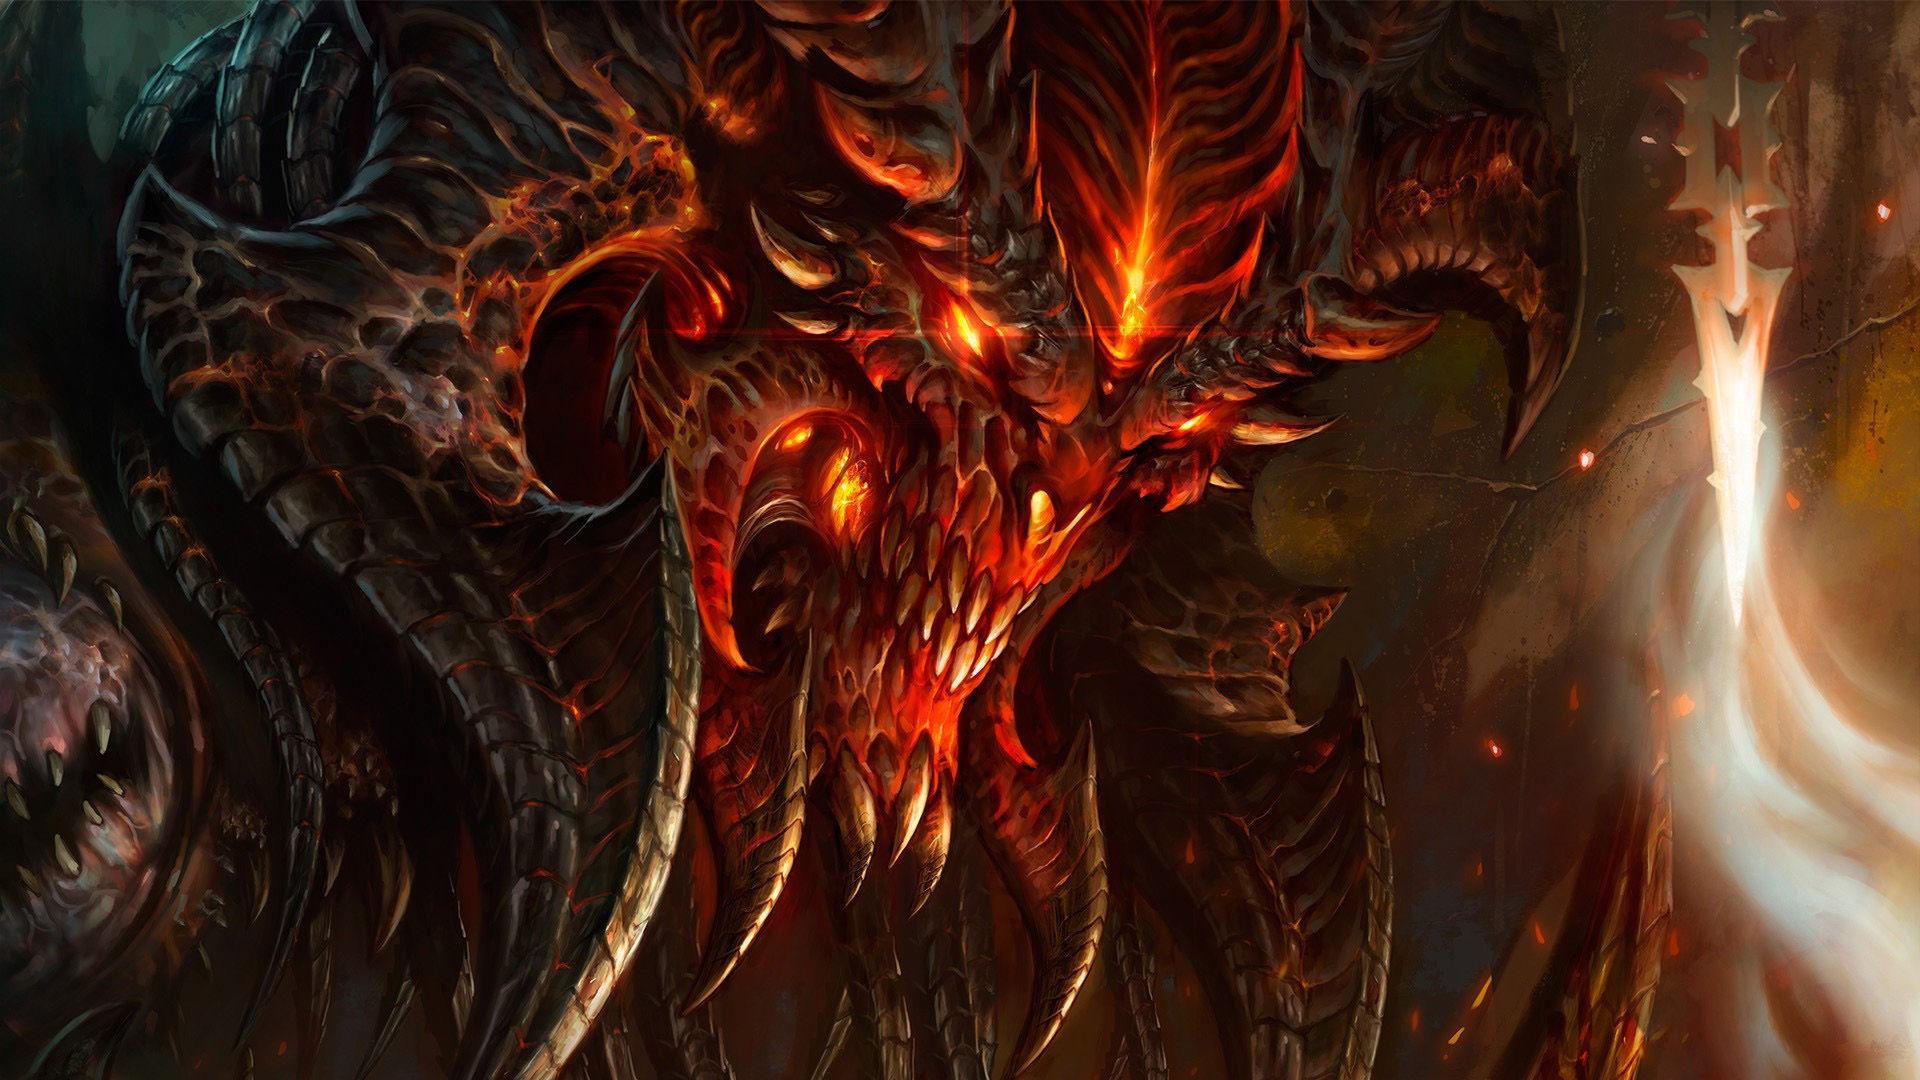 ¿Cuál fue el Hijo de Leoric que fue infectado por Diablo?